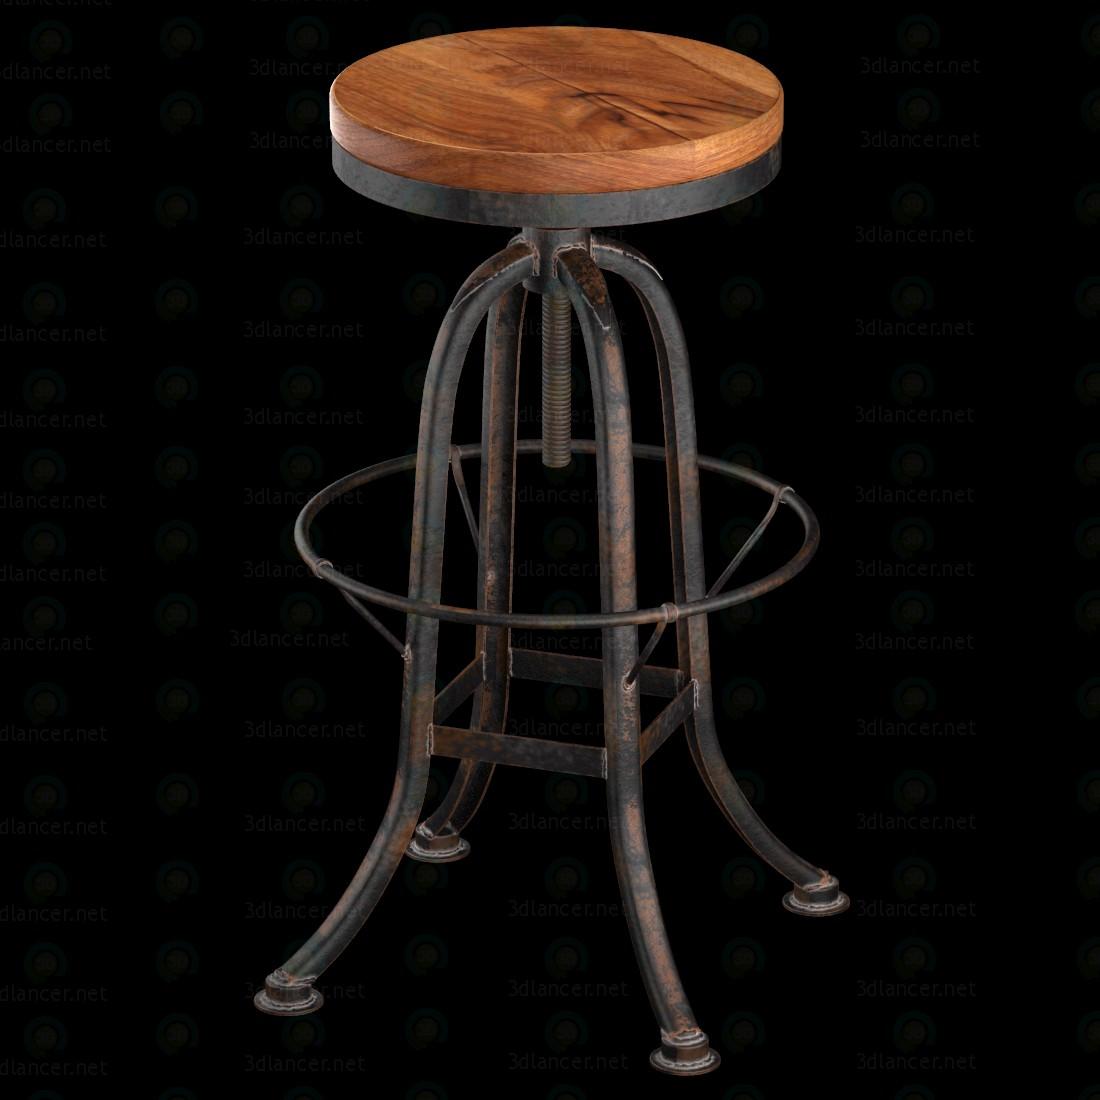 Loft industrial hierro Base reclamado madera contador de taburete de Bar  3D modelo Compro - render